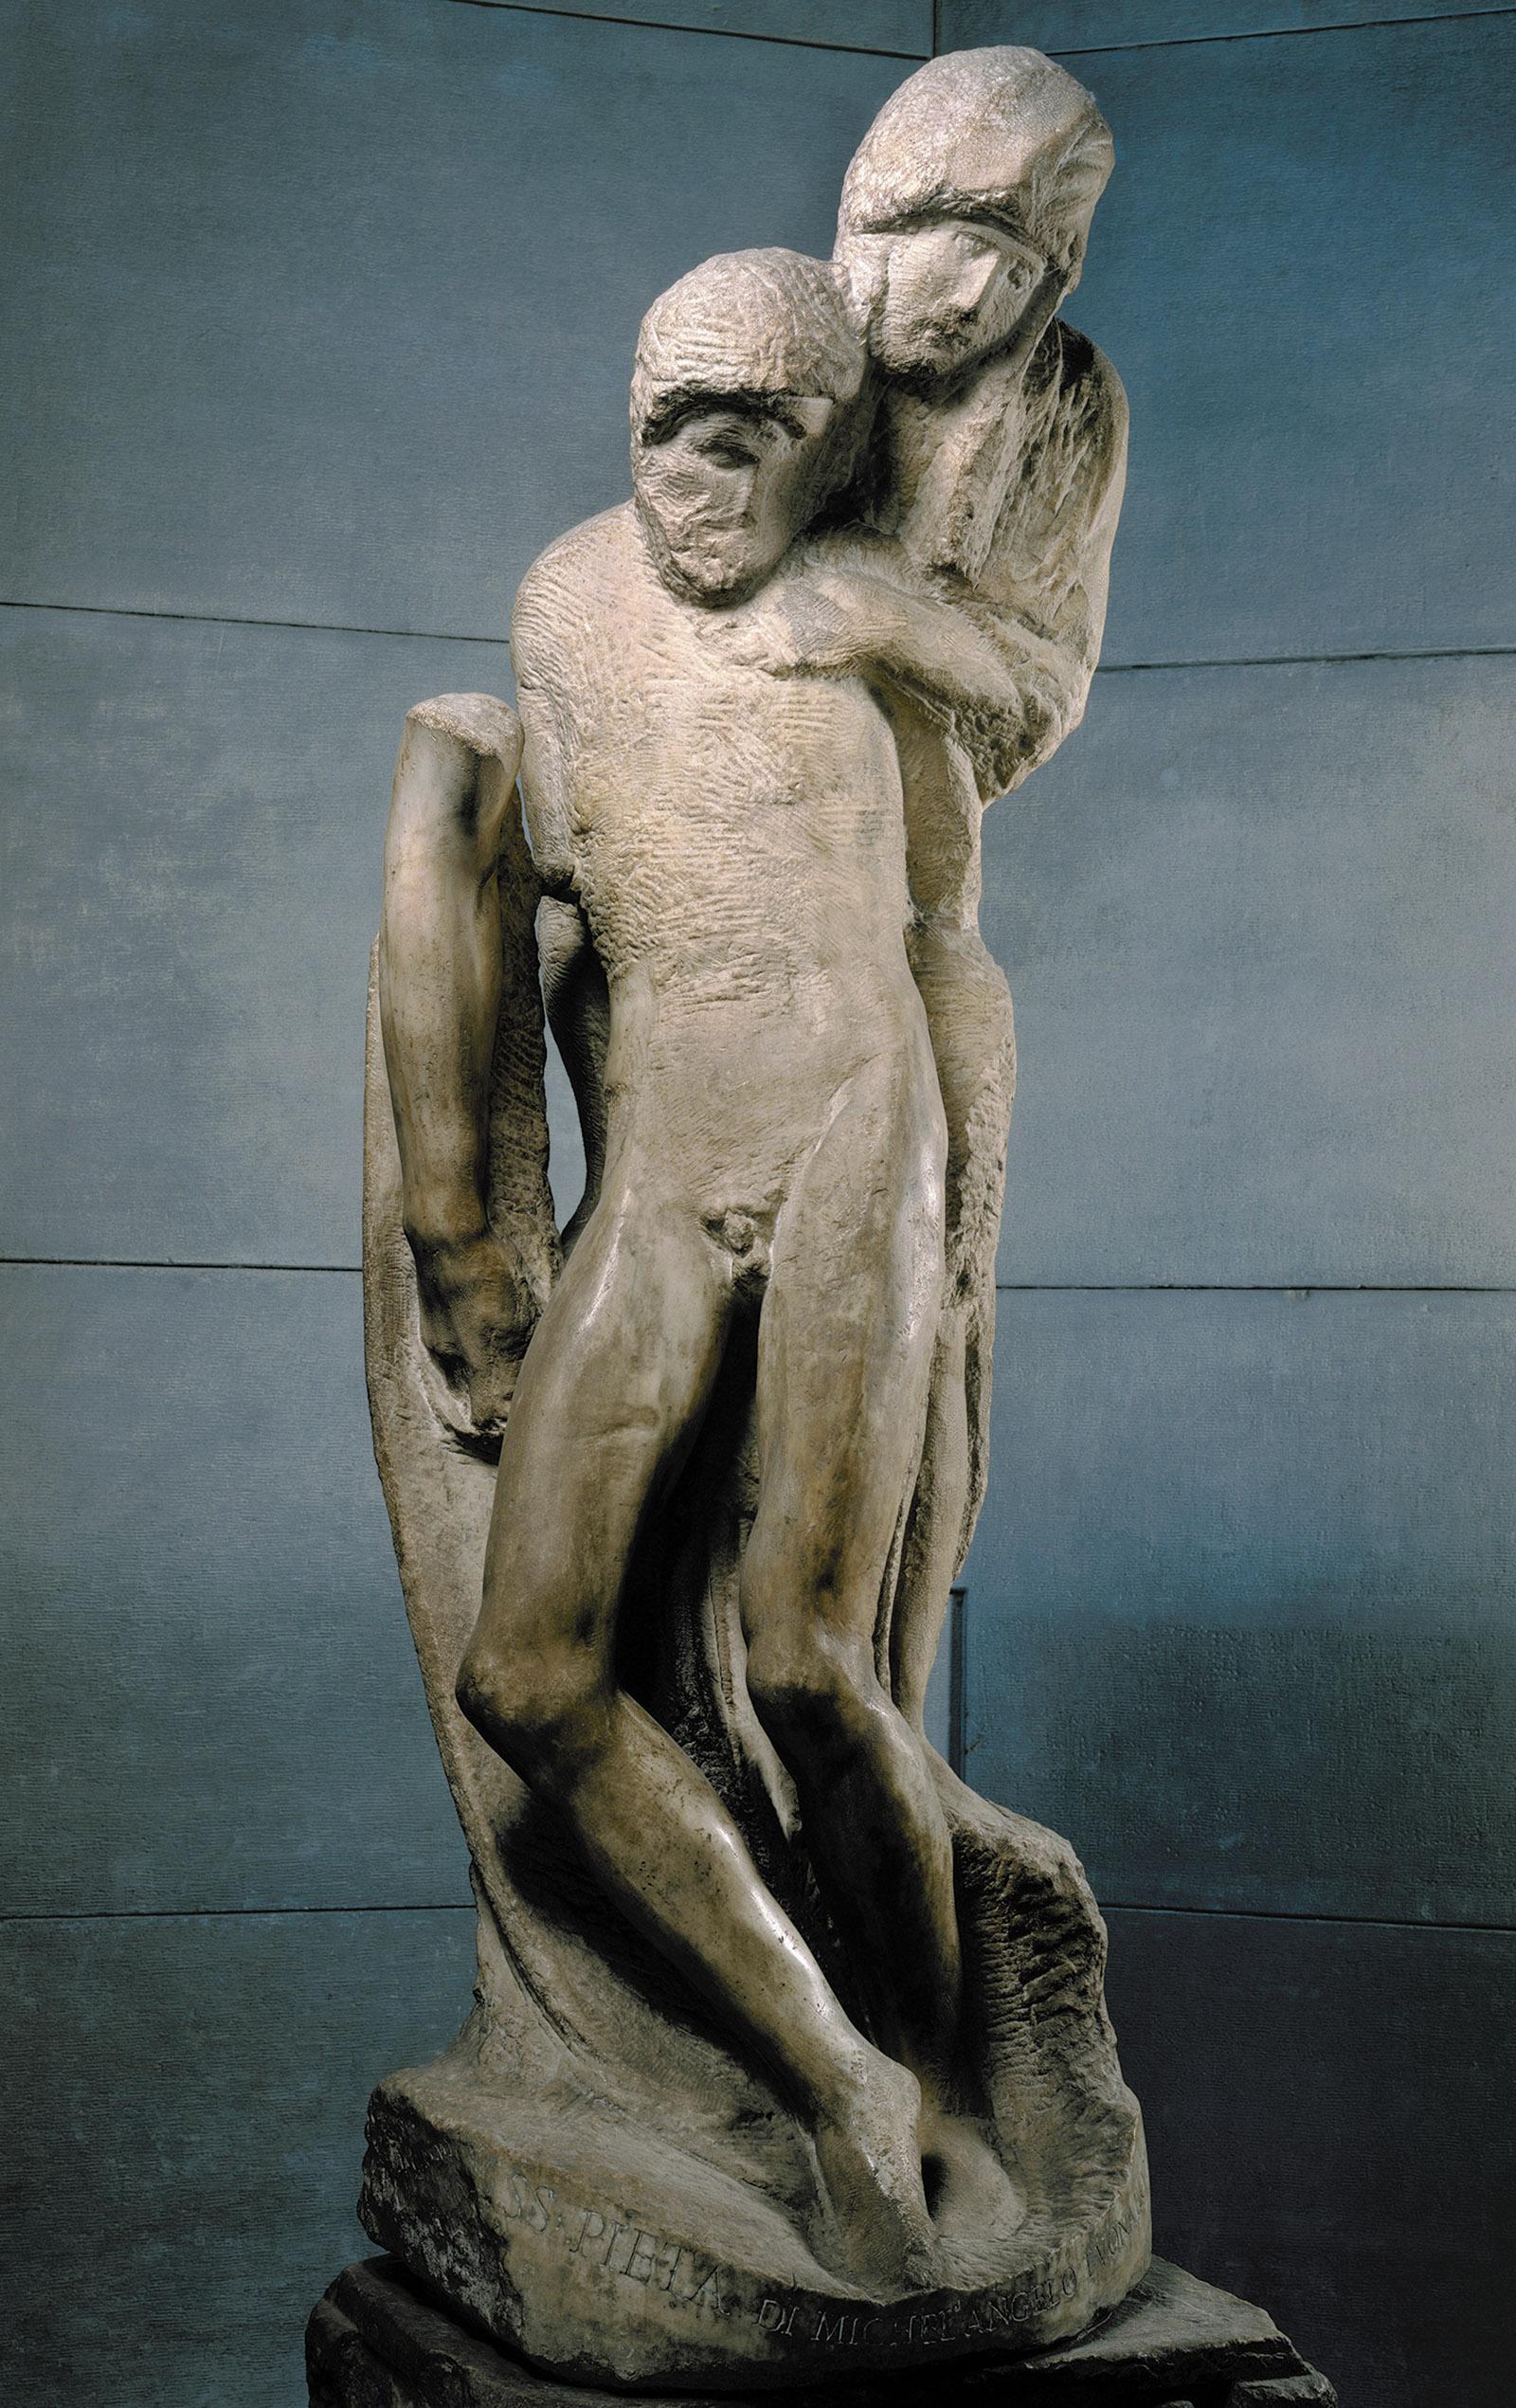 Michelangelo's The 'Rondanini' Pietà